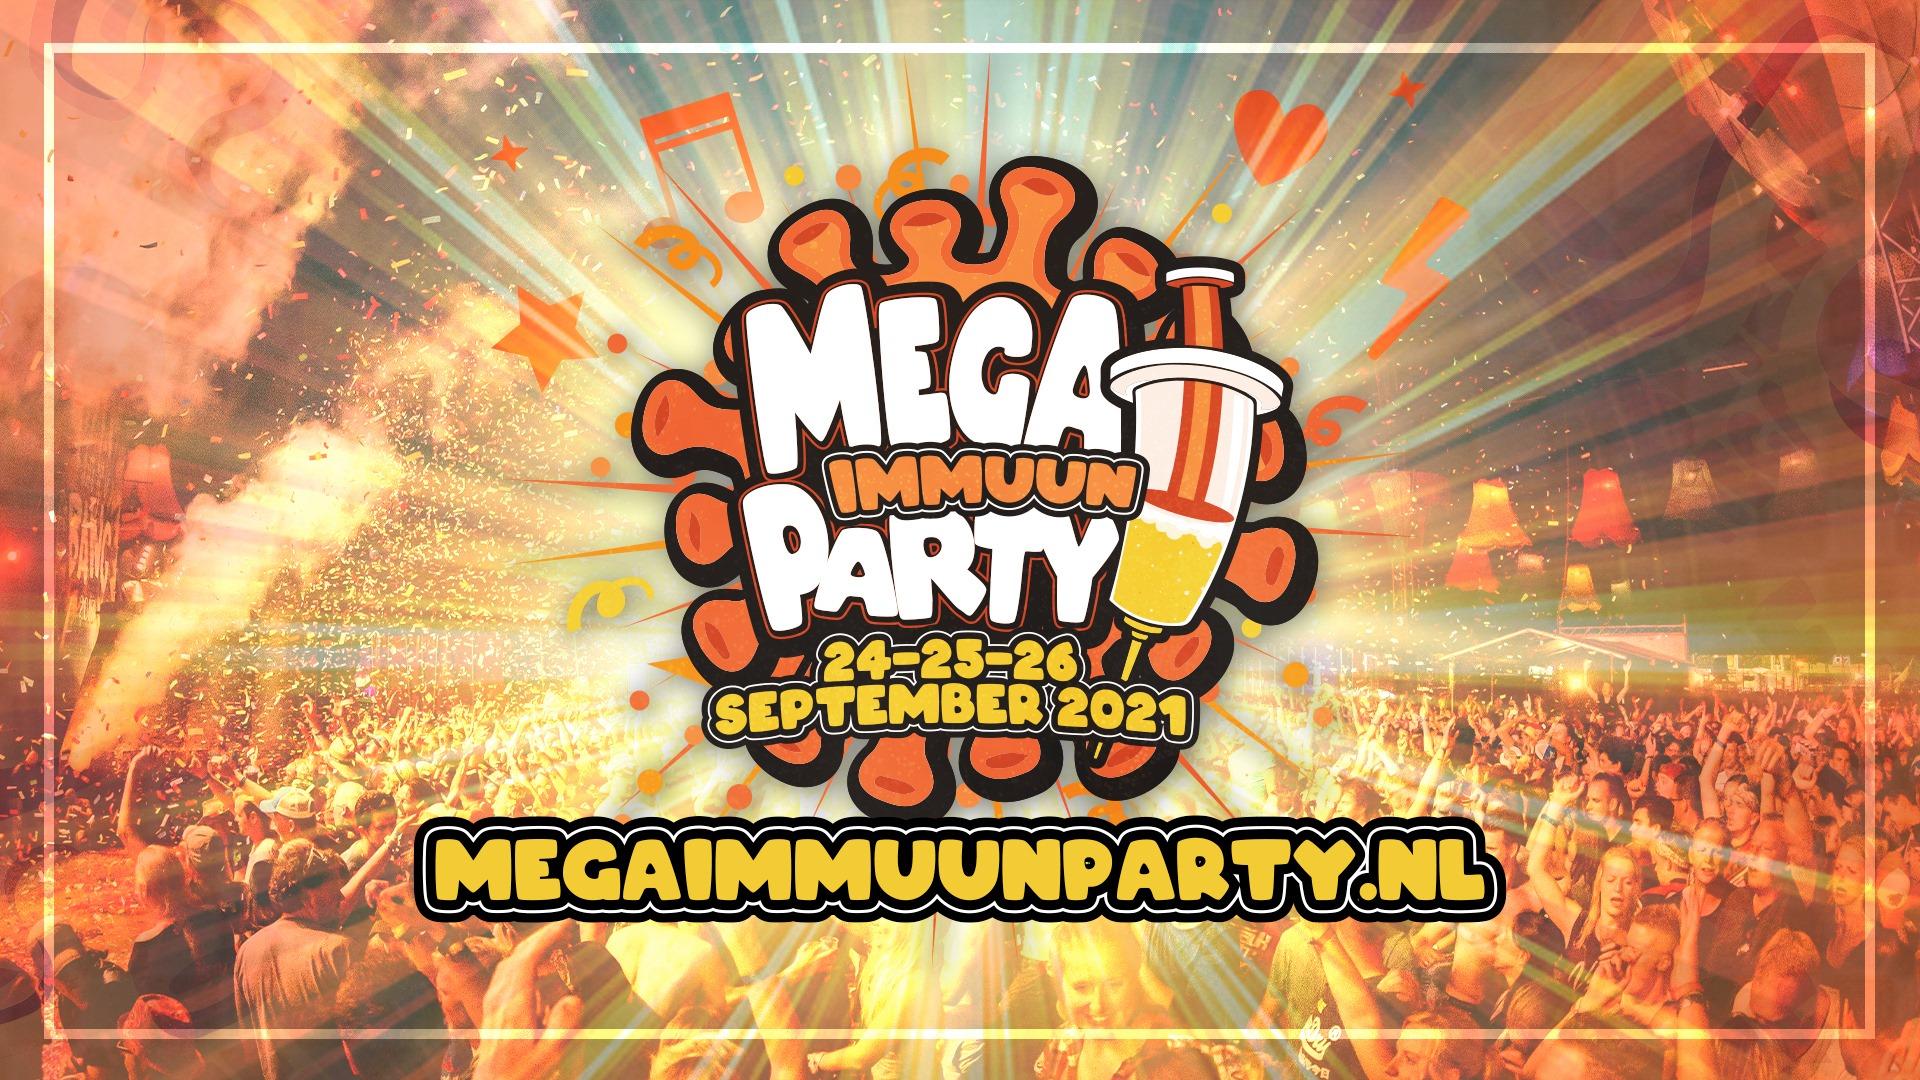 Zwarte Cross, Mega immuun party